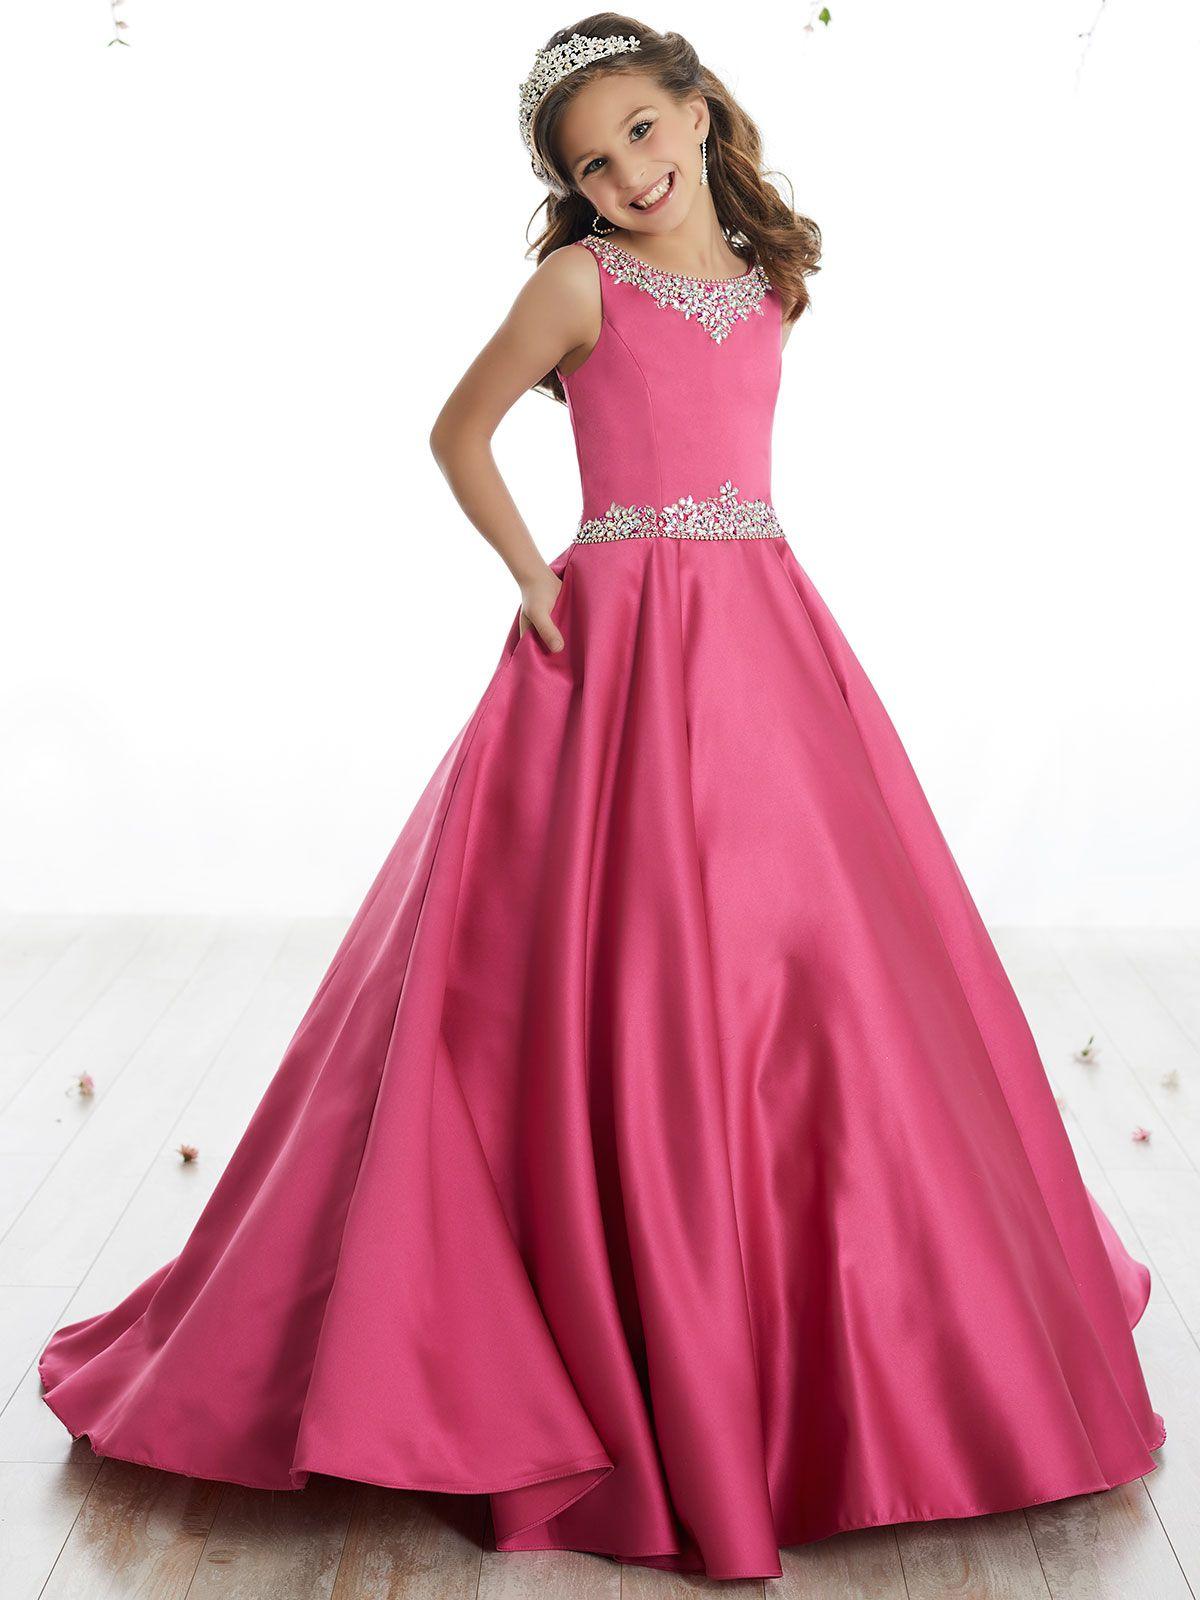 Tiffany Princes 13506 Scoop Neckline Pageant Dress | vestidinho de ...